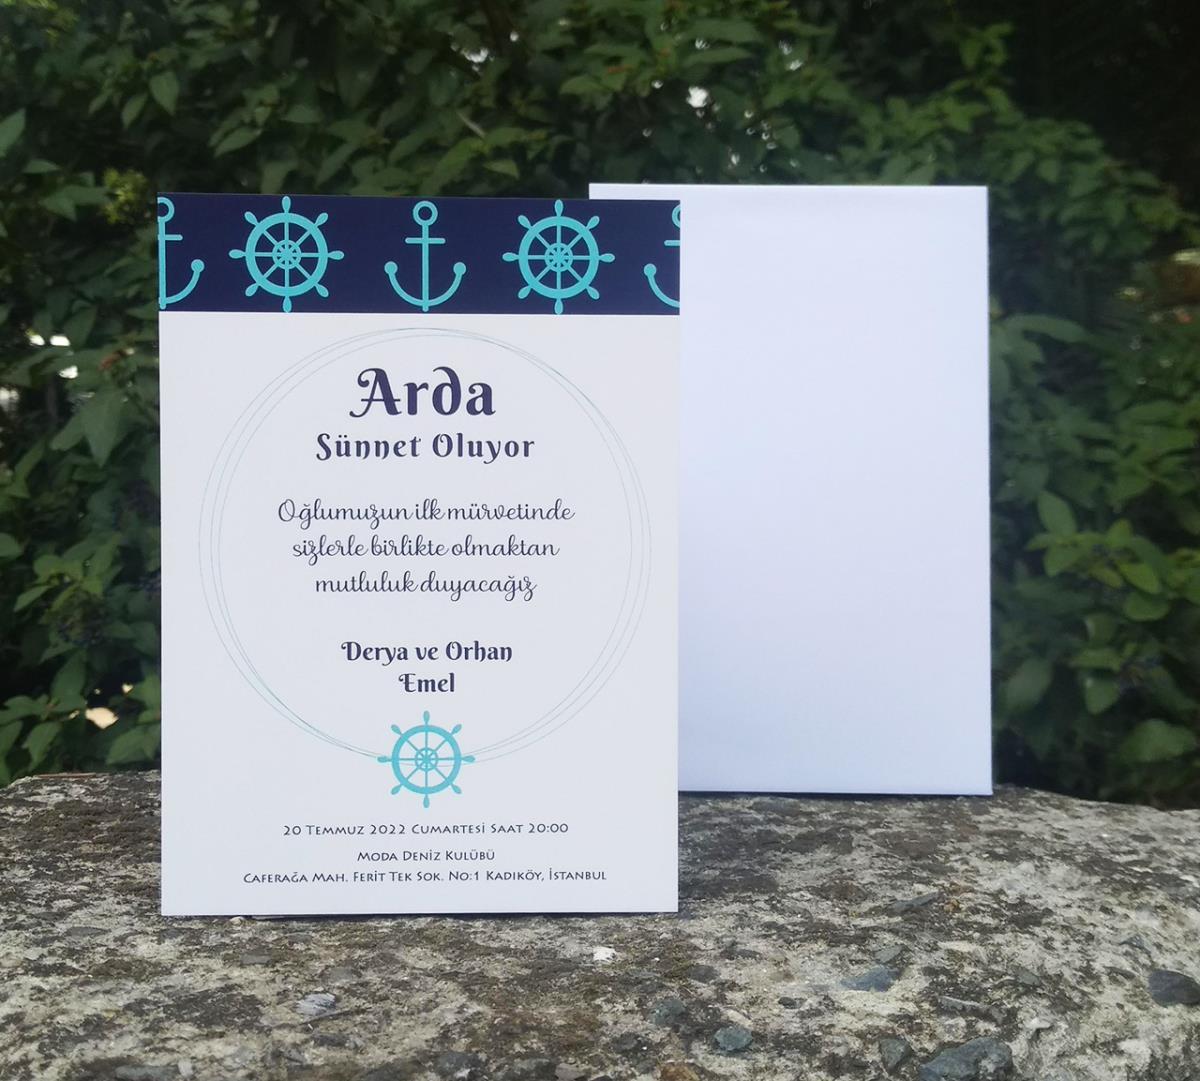 Turkuaz renkli çapa ve dümen motifleri ile süslenmiş, denizci temalı sünnet davetiyemizde ince beyaz zarf kullanılmıştır.